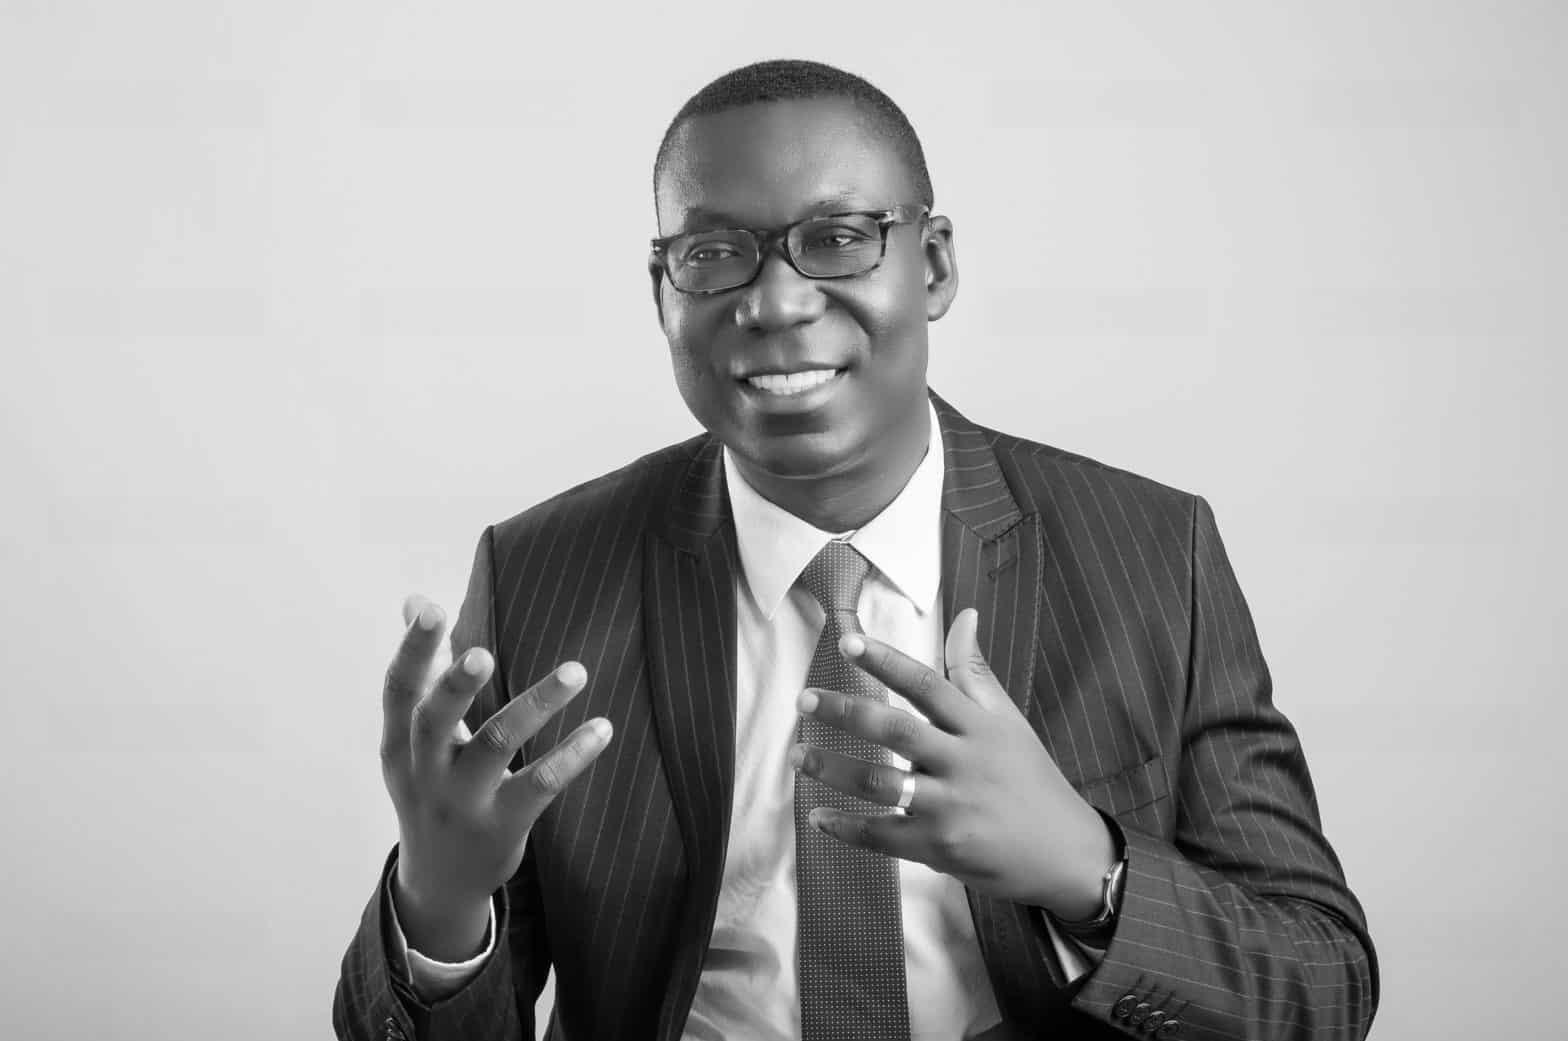 Stephen Awuah